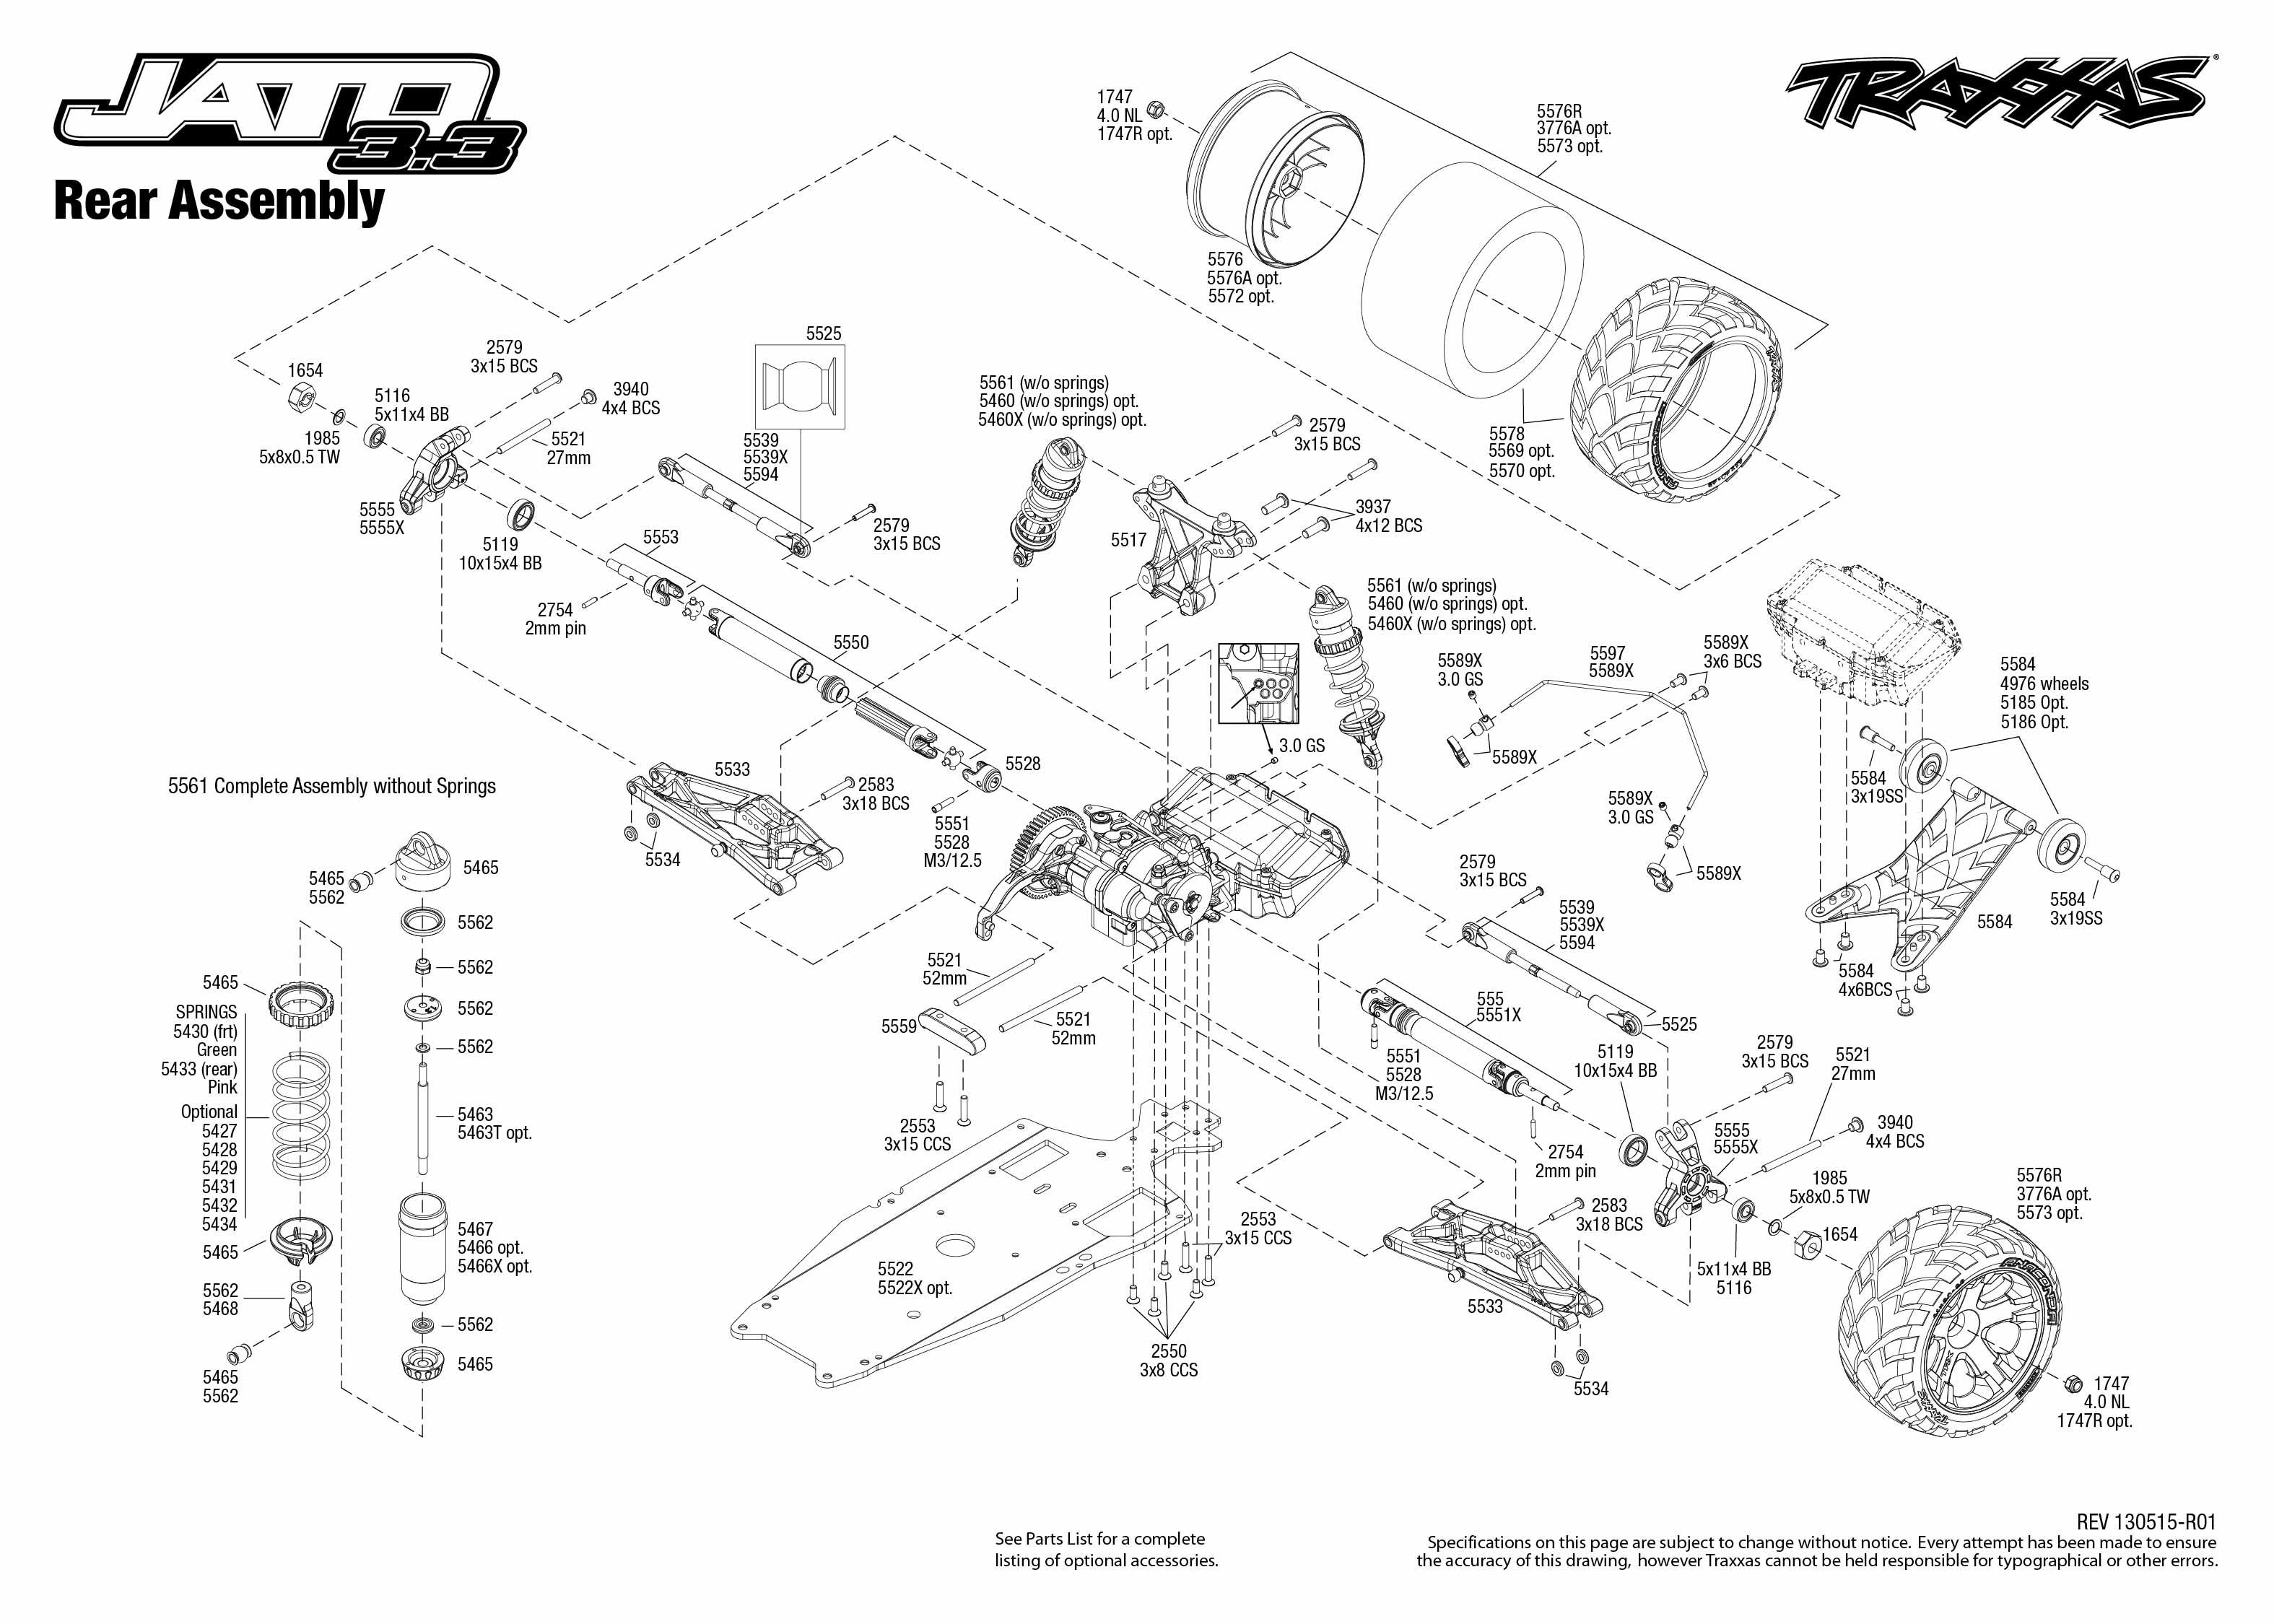 jato parts diagram